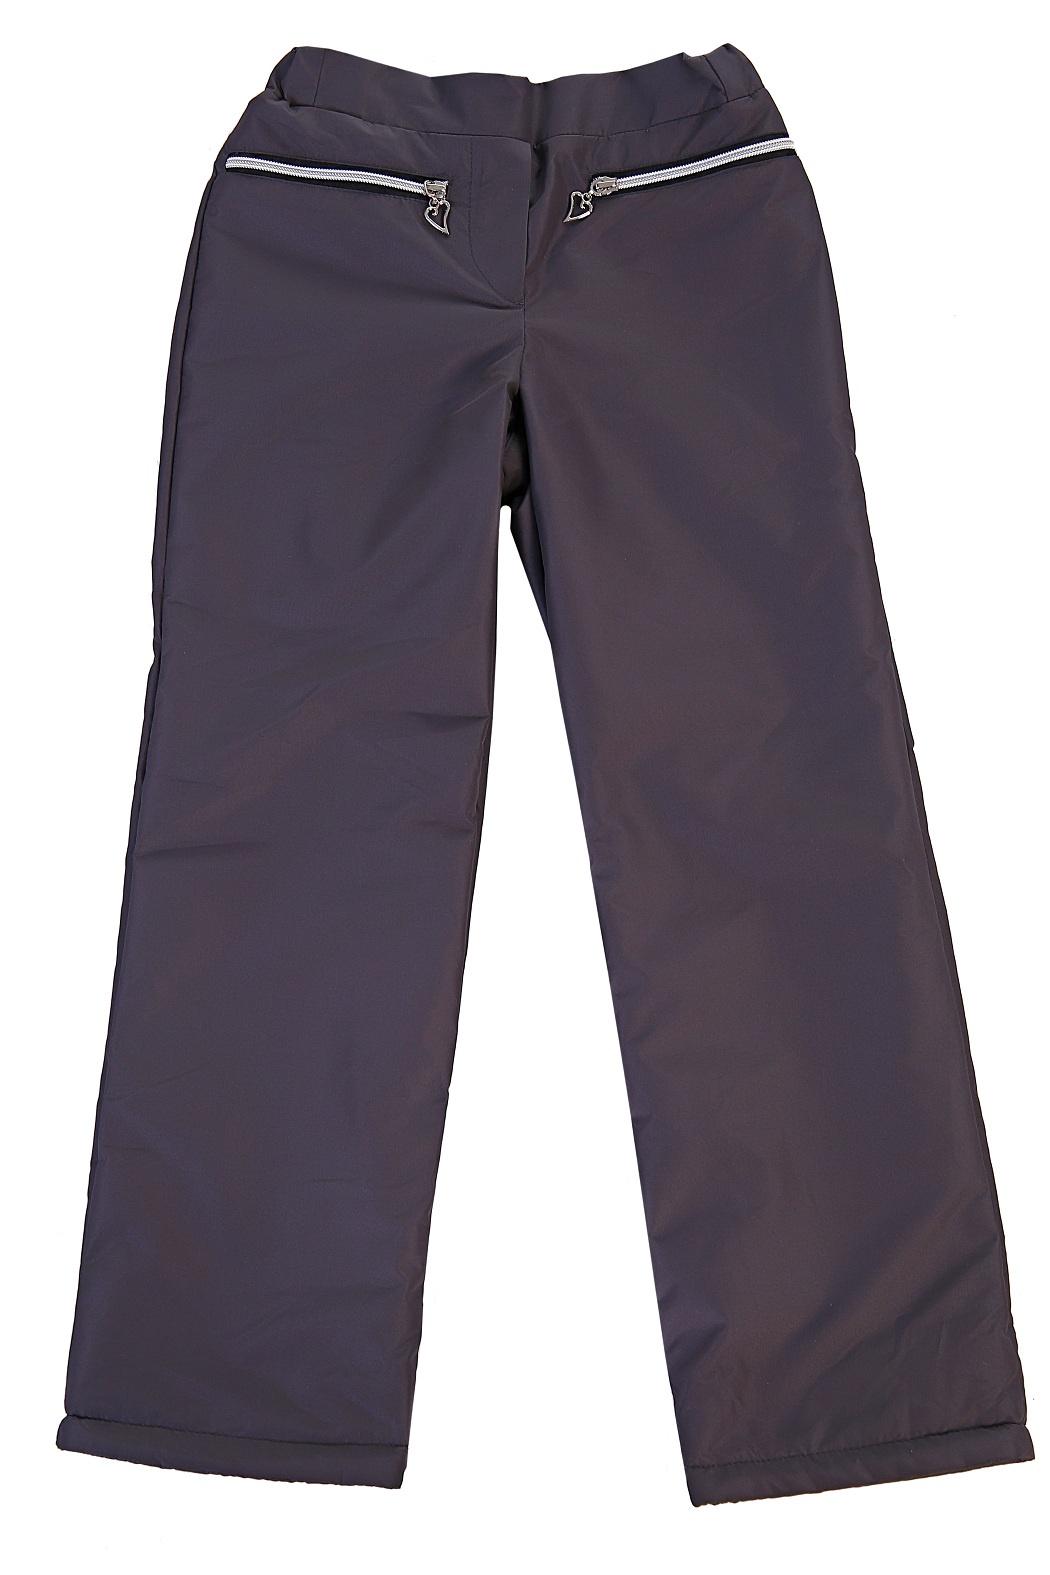 Брюки утепленные SherySheff брюки утепленные детские m